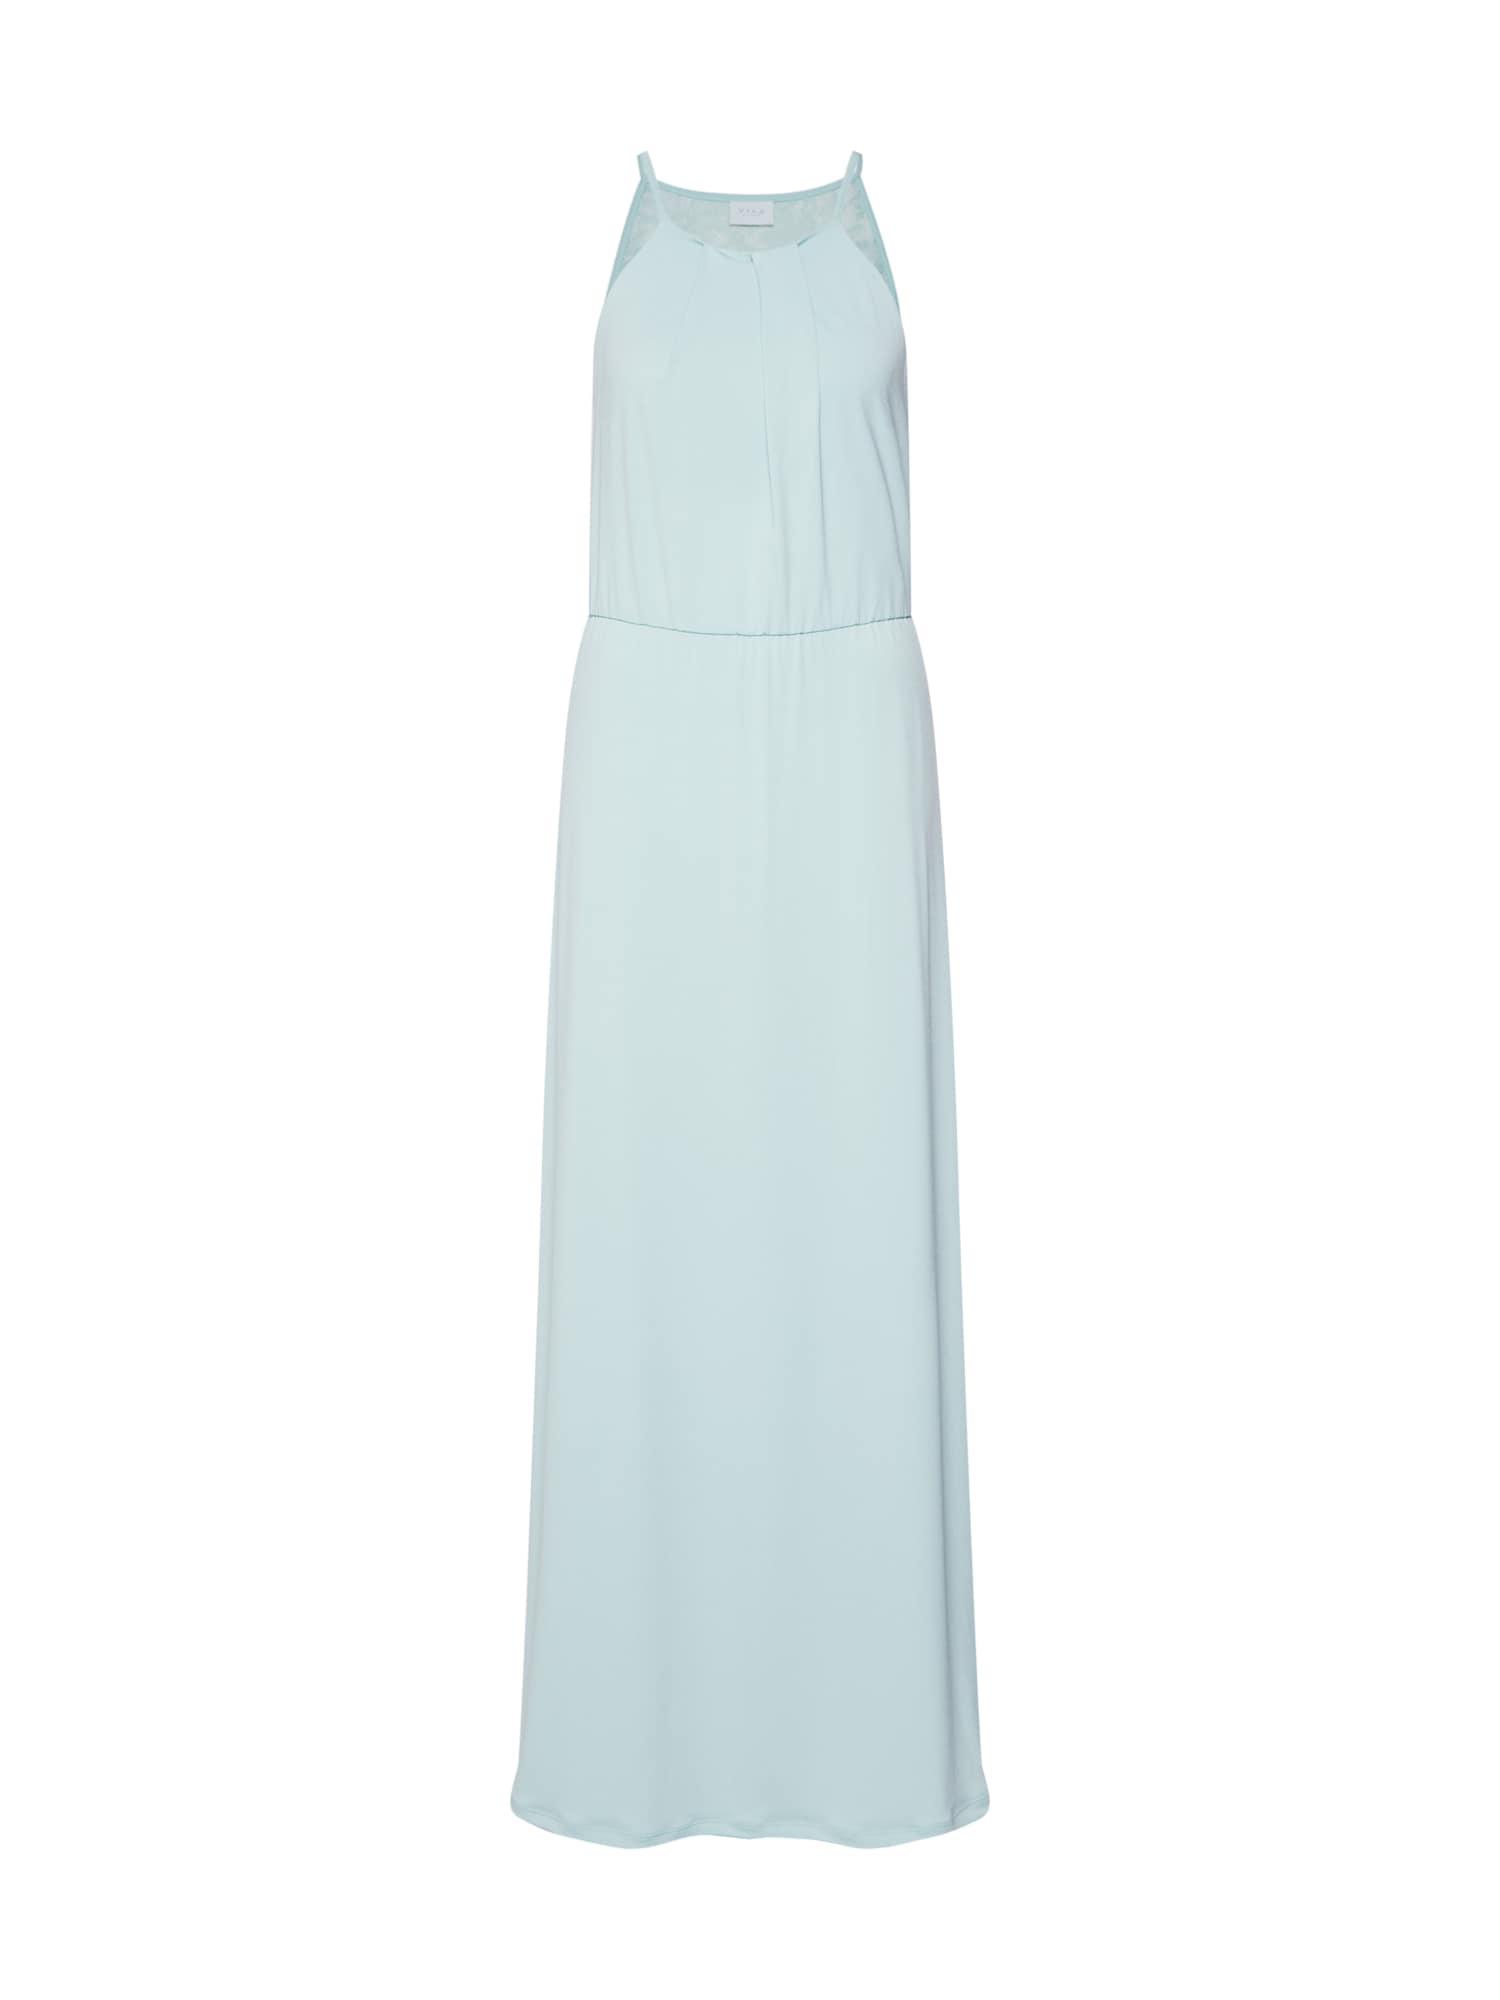 Společenské šaty Vitaini světlemodrá VILA